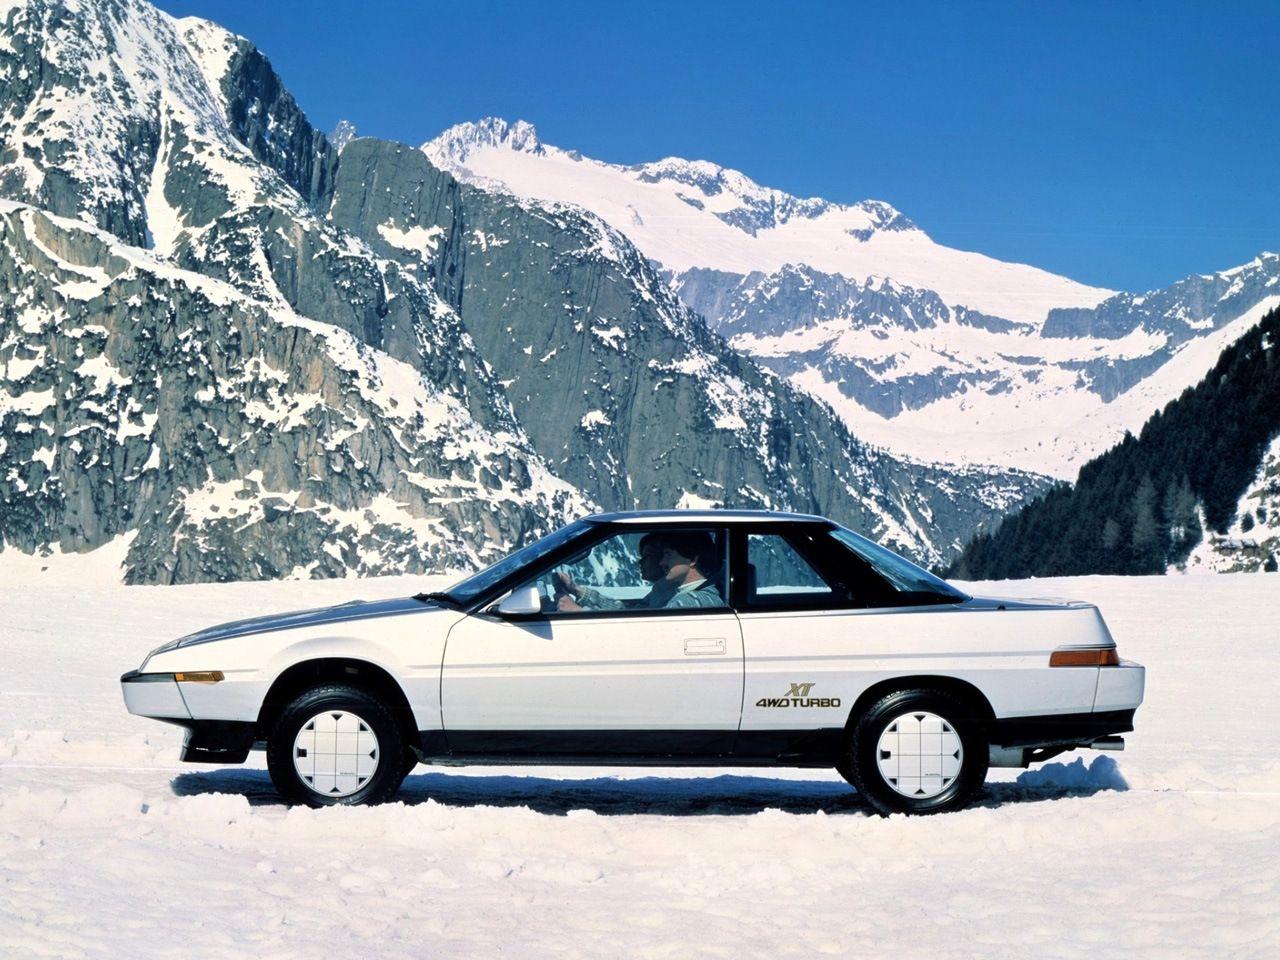 Subaru-XT-4WD-Turbo